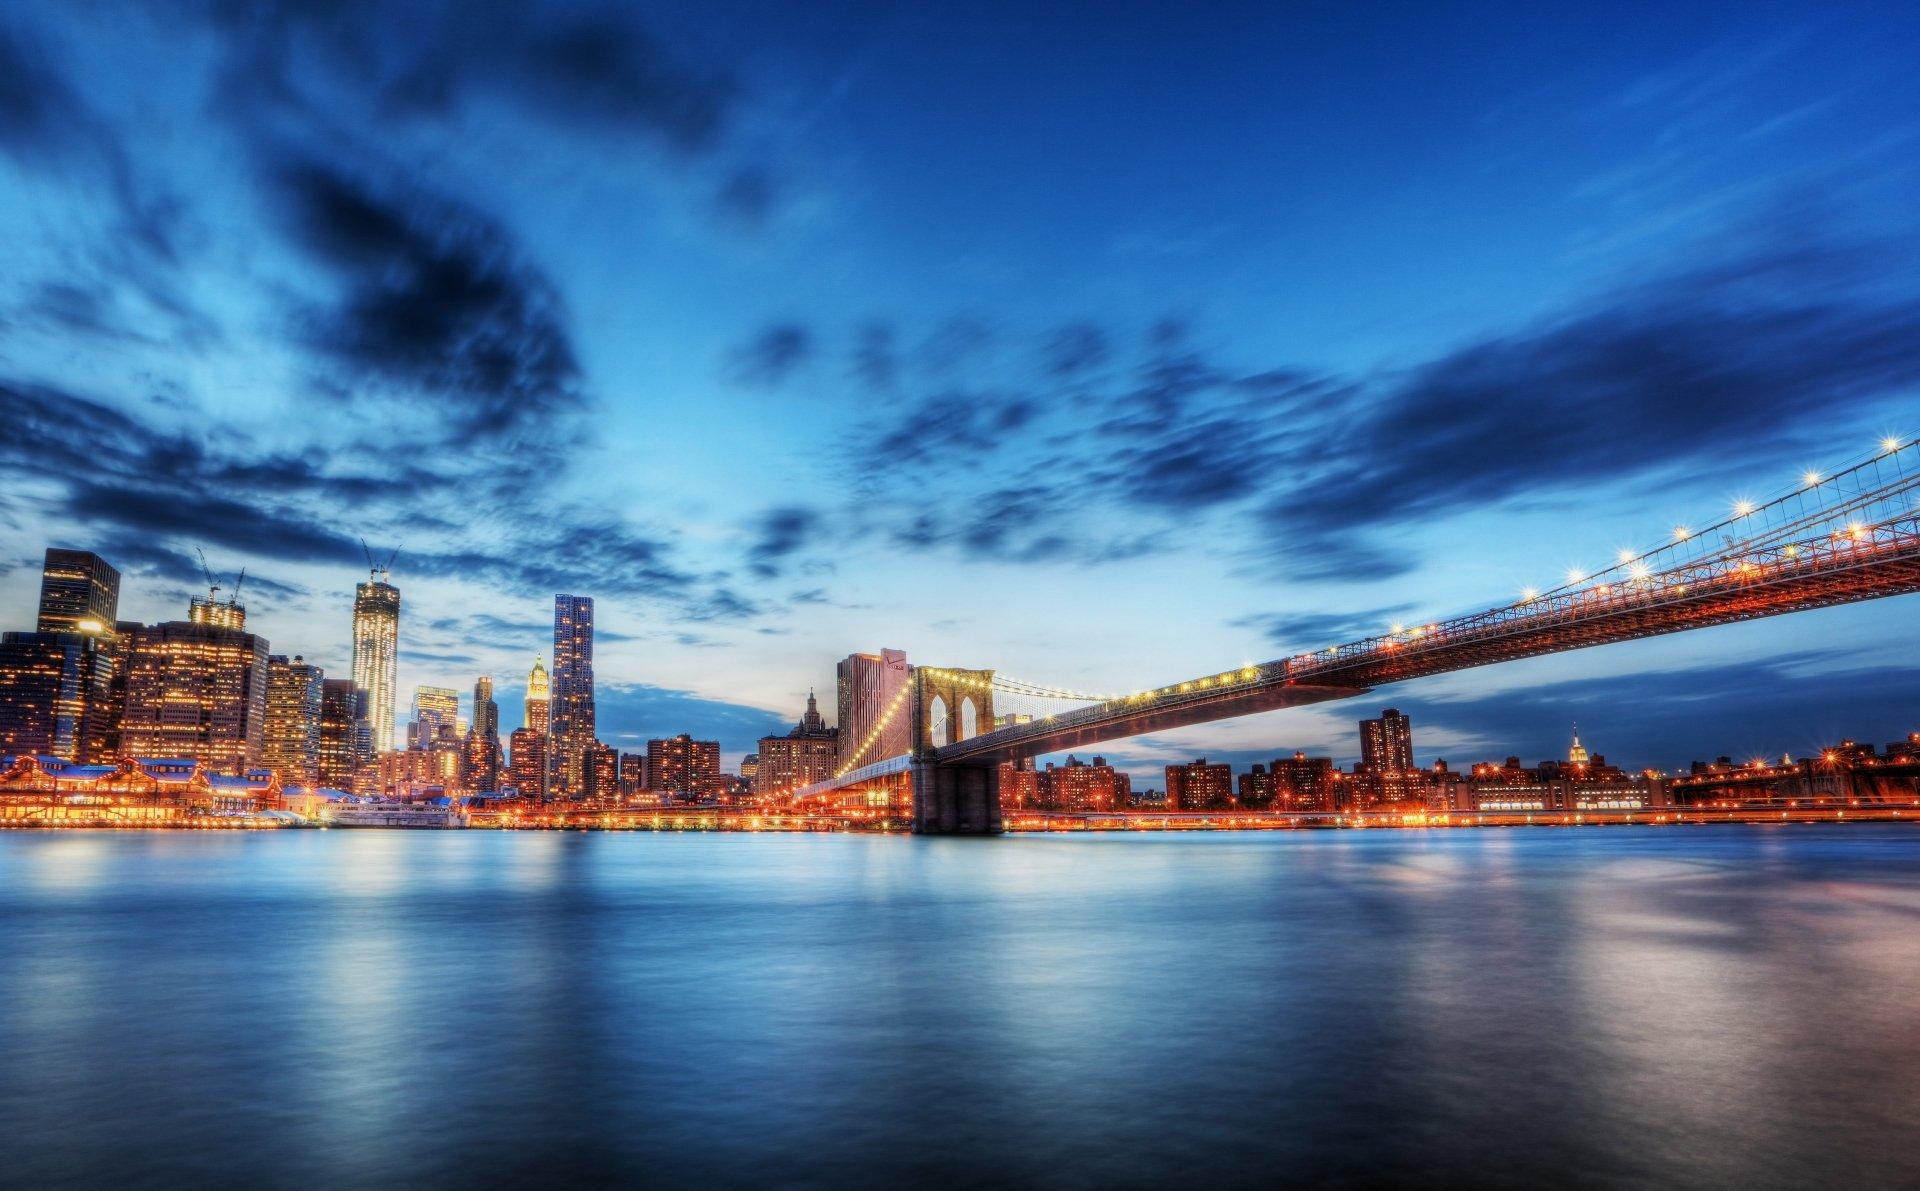 New york 4k ultra hd wallpaper sfondi 4500x2791 id for Sfondi pc 4k